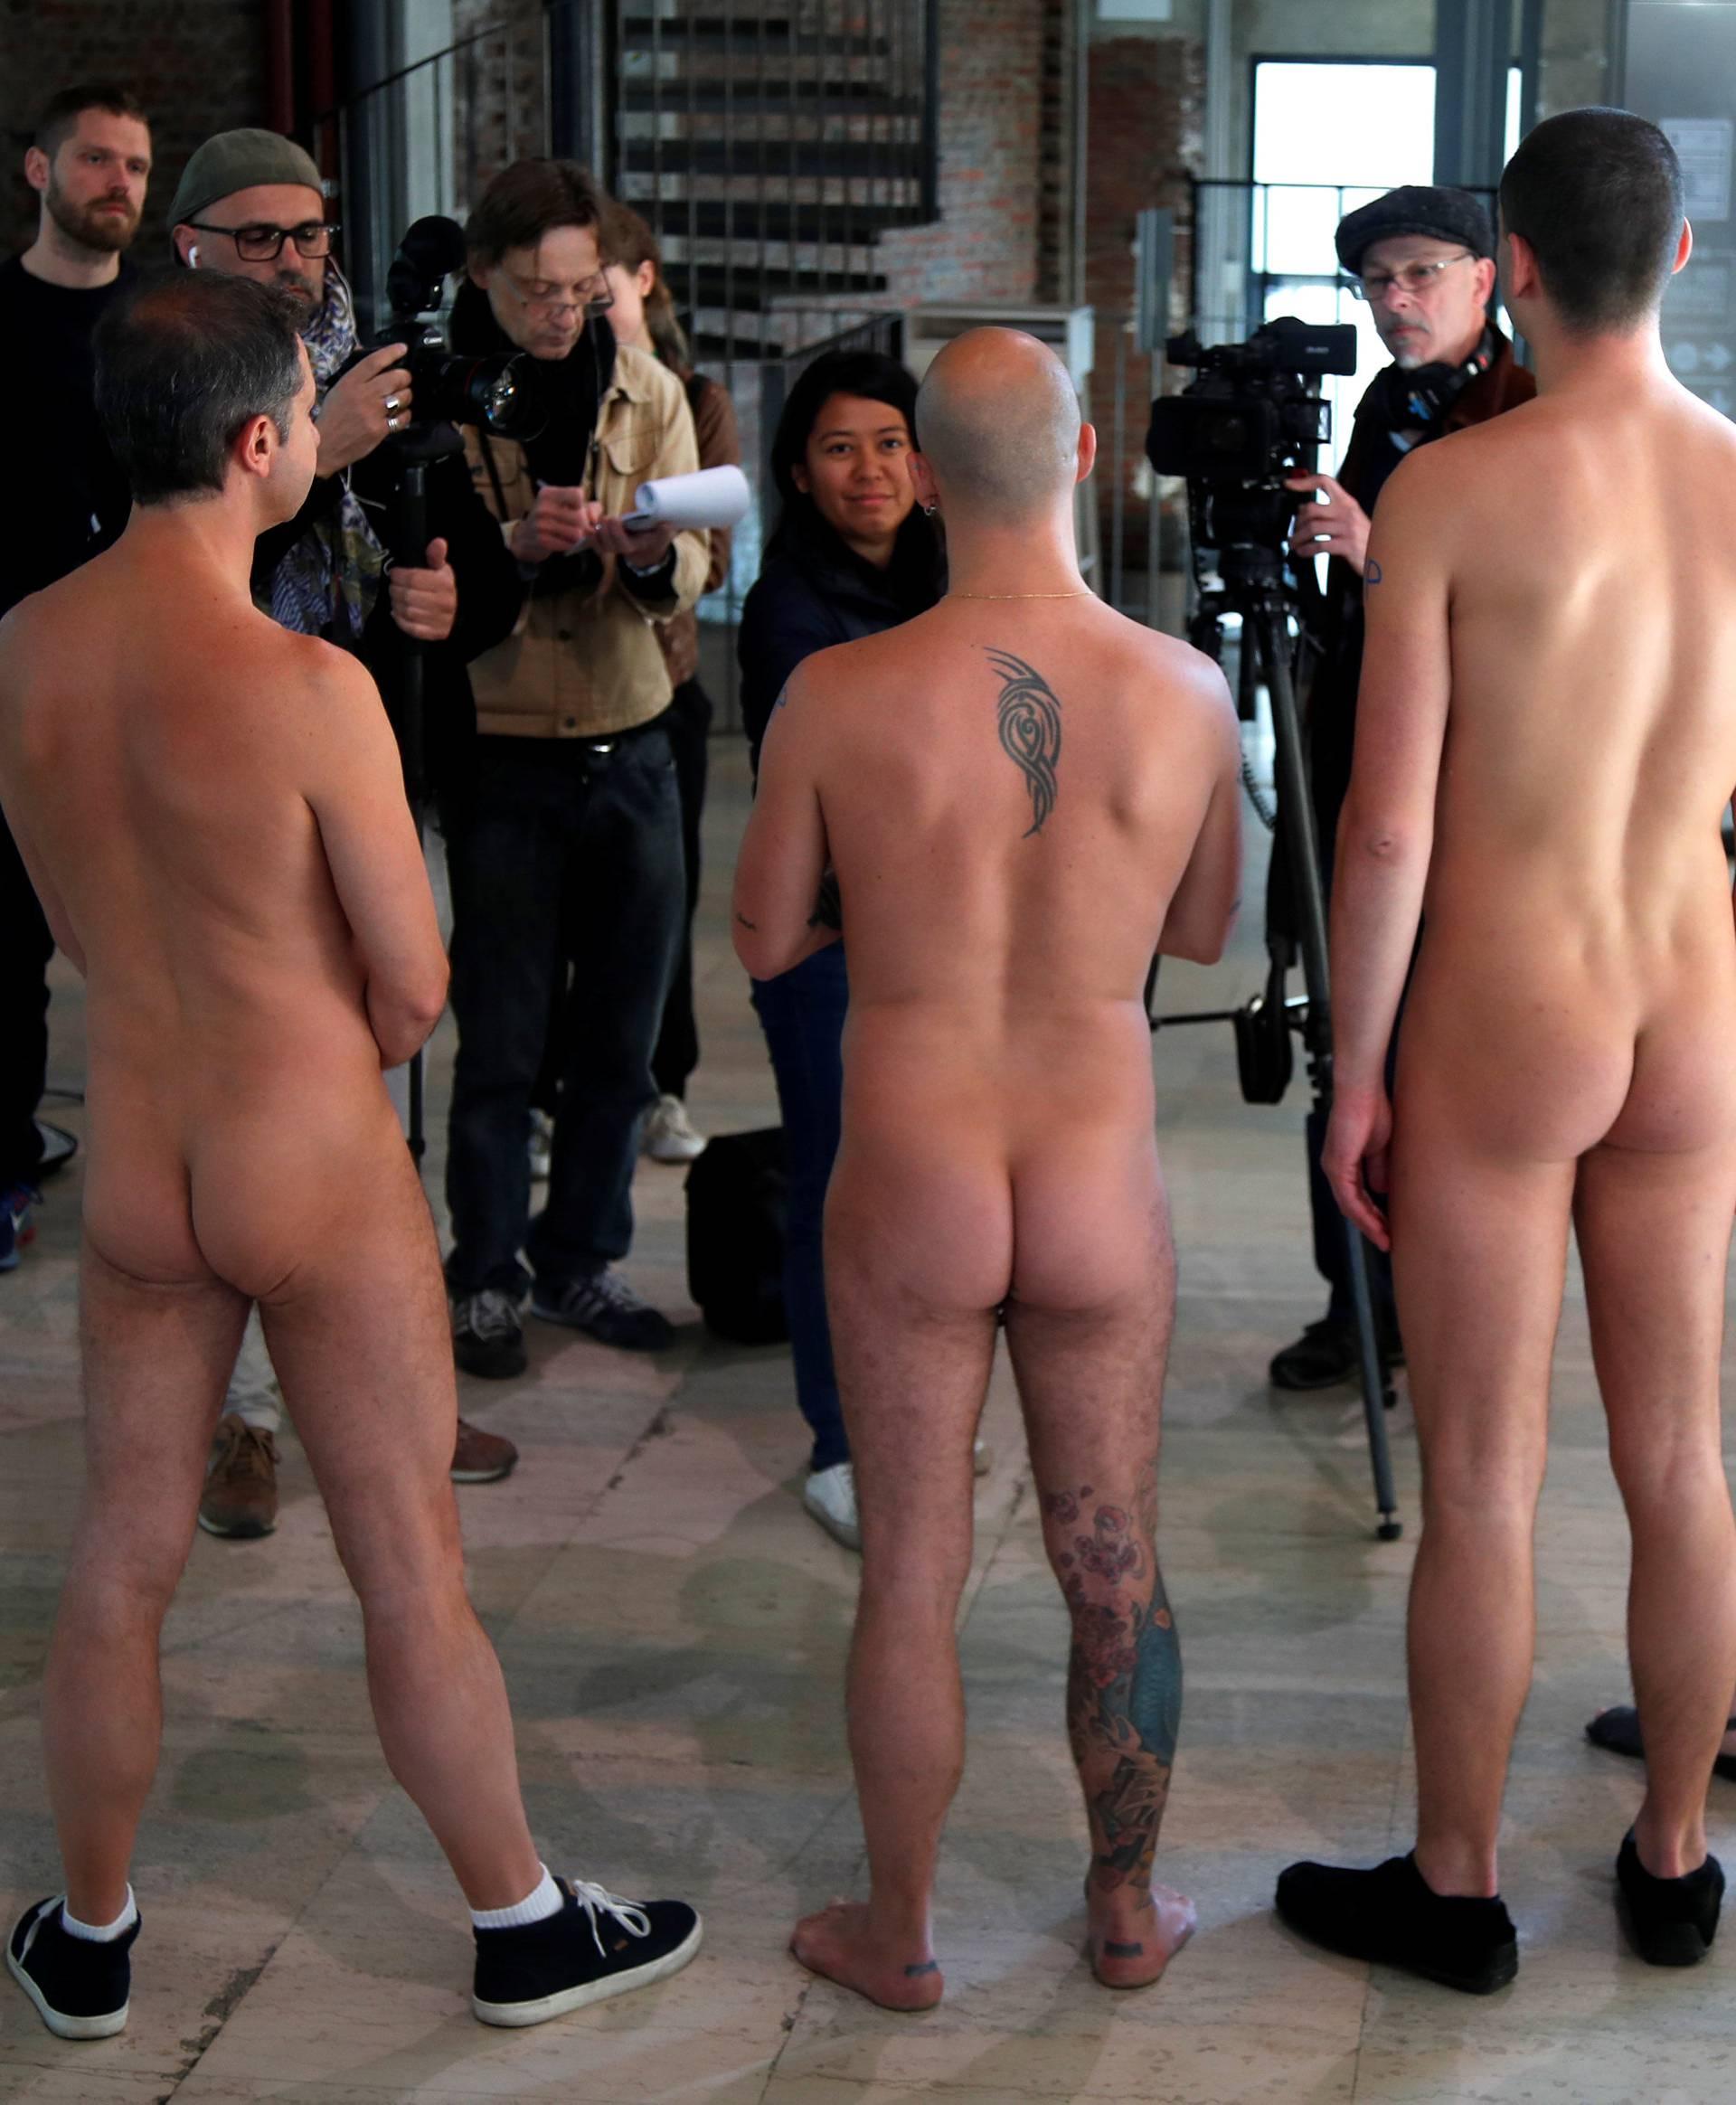 Members of the ANC (Association des Naturistes de Paris) attend a news conference before a nude visit of the Palais de Tokyo contemporary art centre in Paris